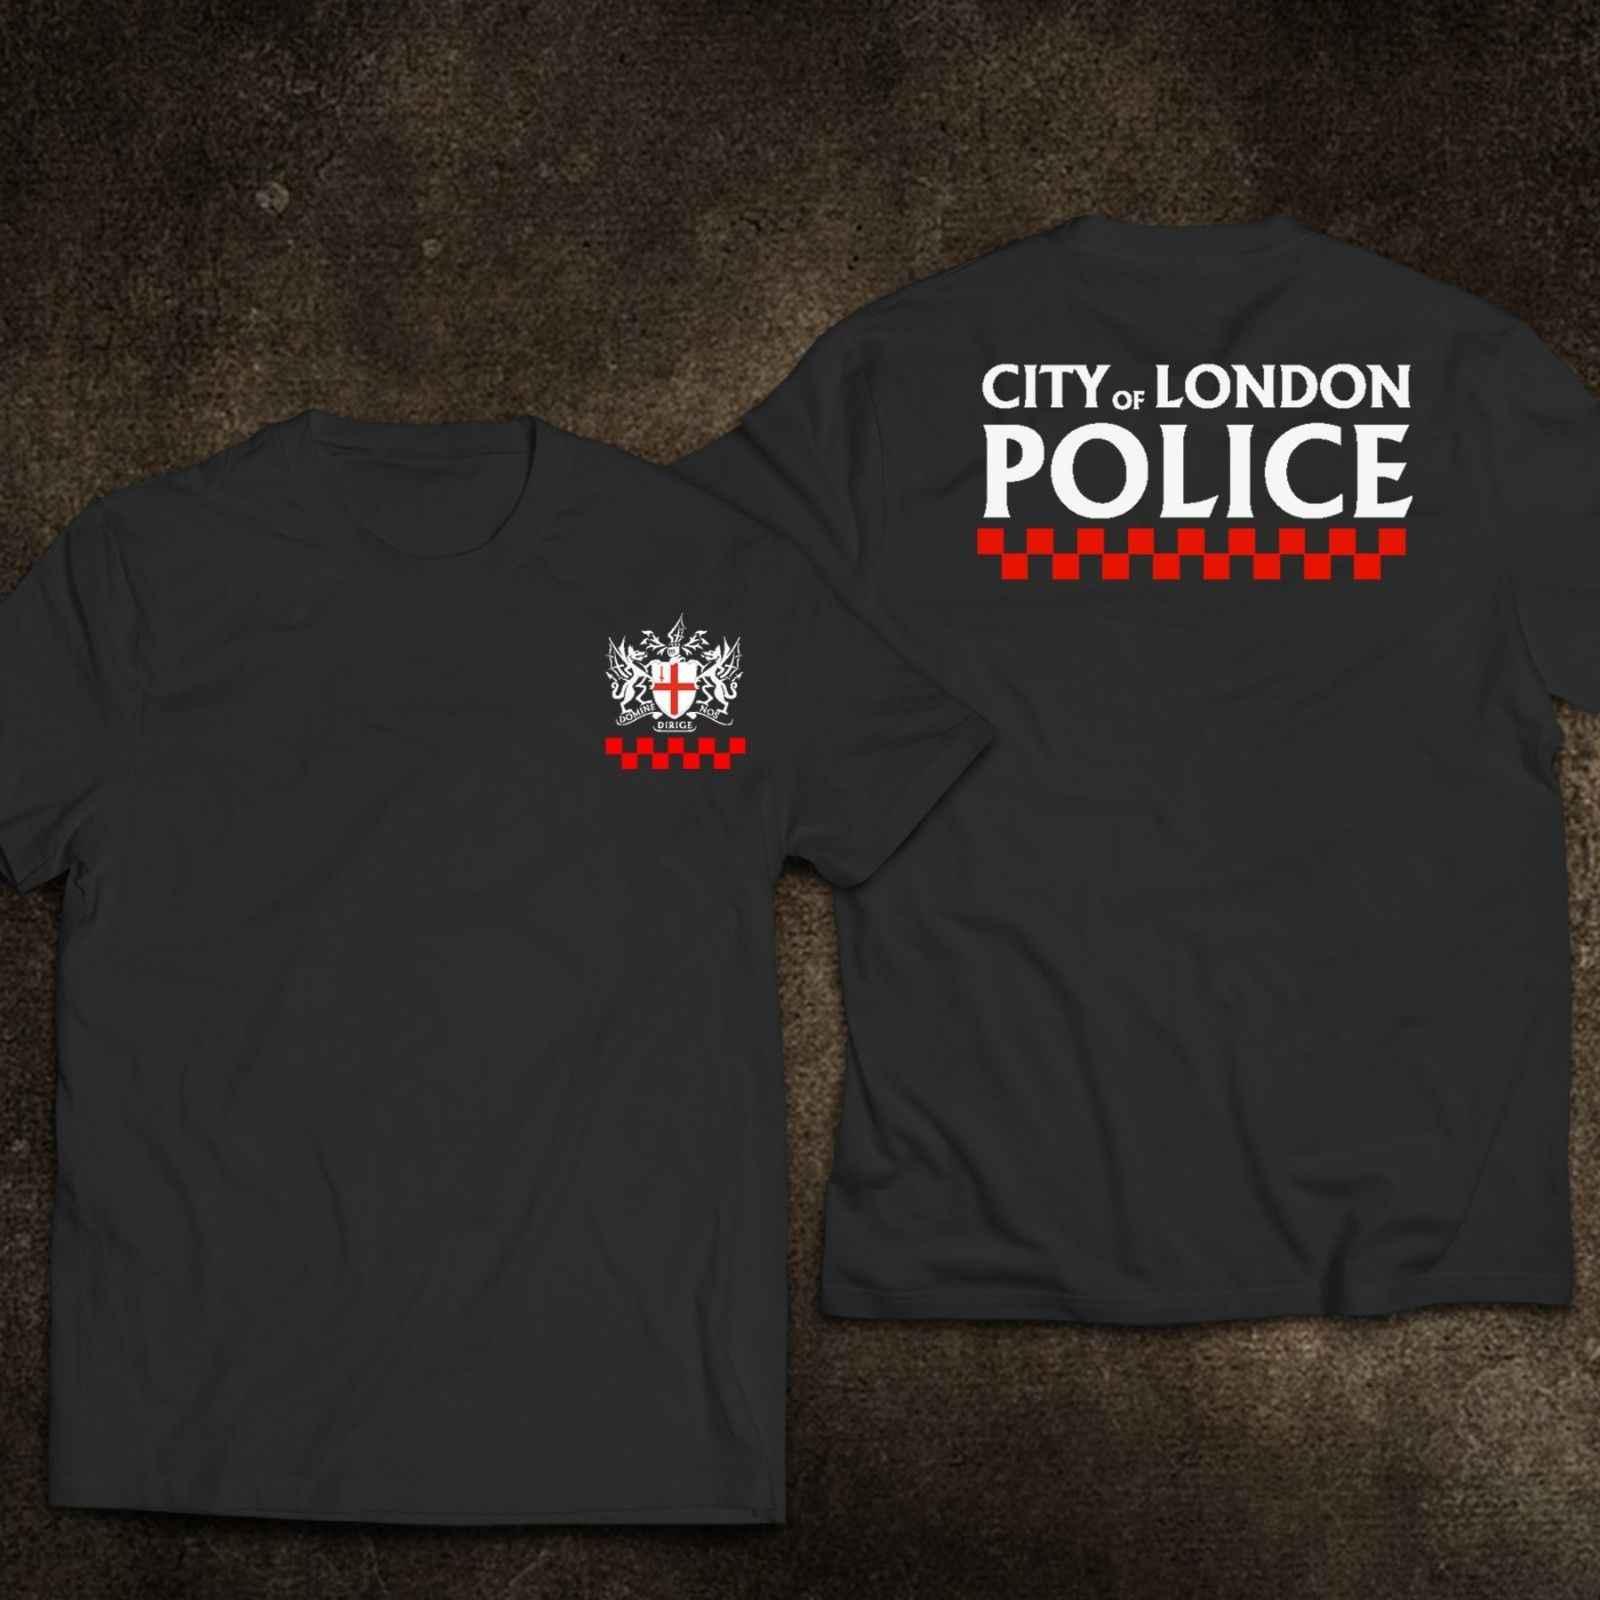 المملكة لندن السياسات قسم تي شيرت المتناثرة الرجال t قميص المتضخم t قميص مضحك القمصان